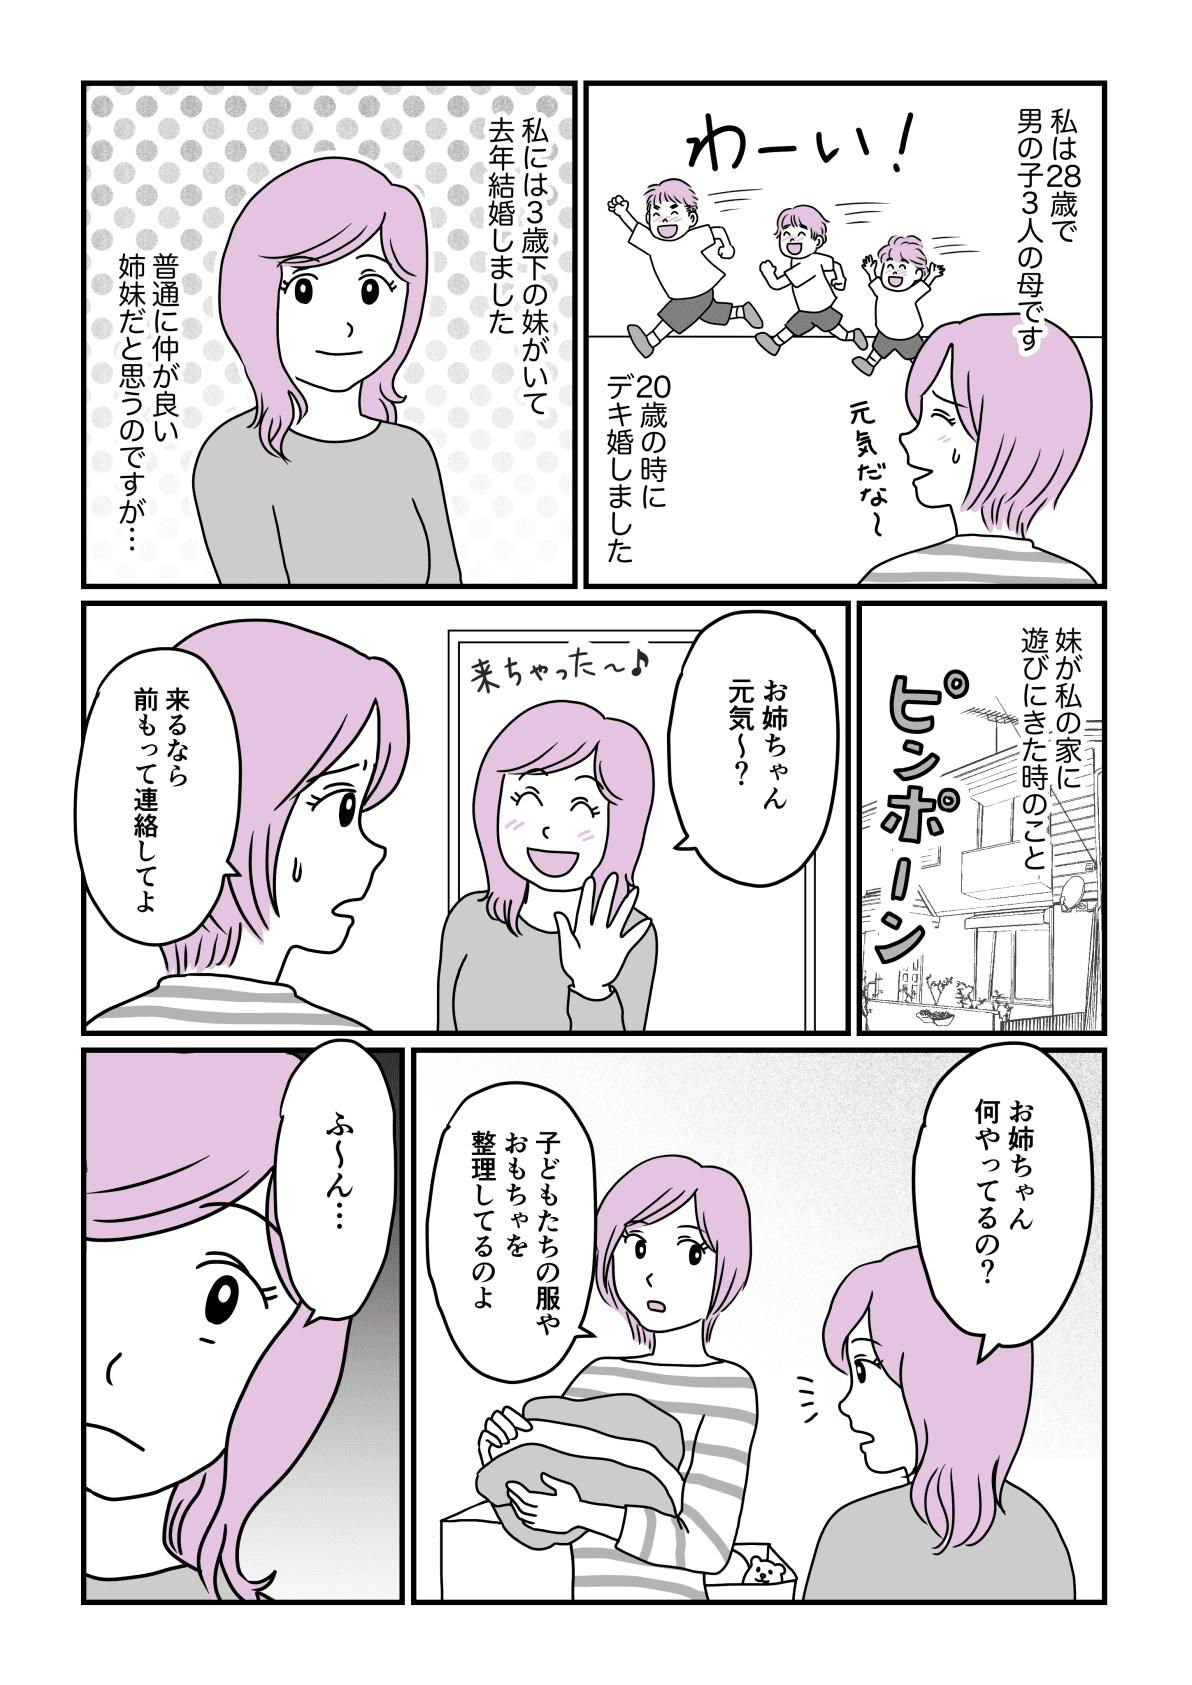 【前編】ワガママな妹が妊娠!1